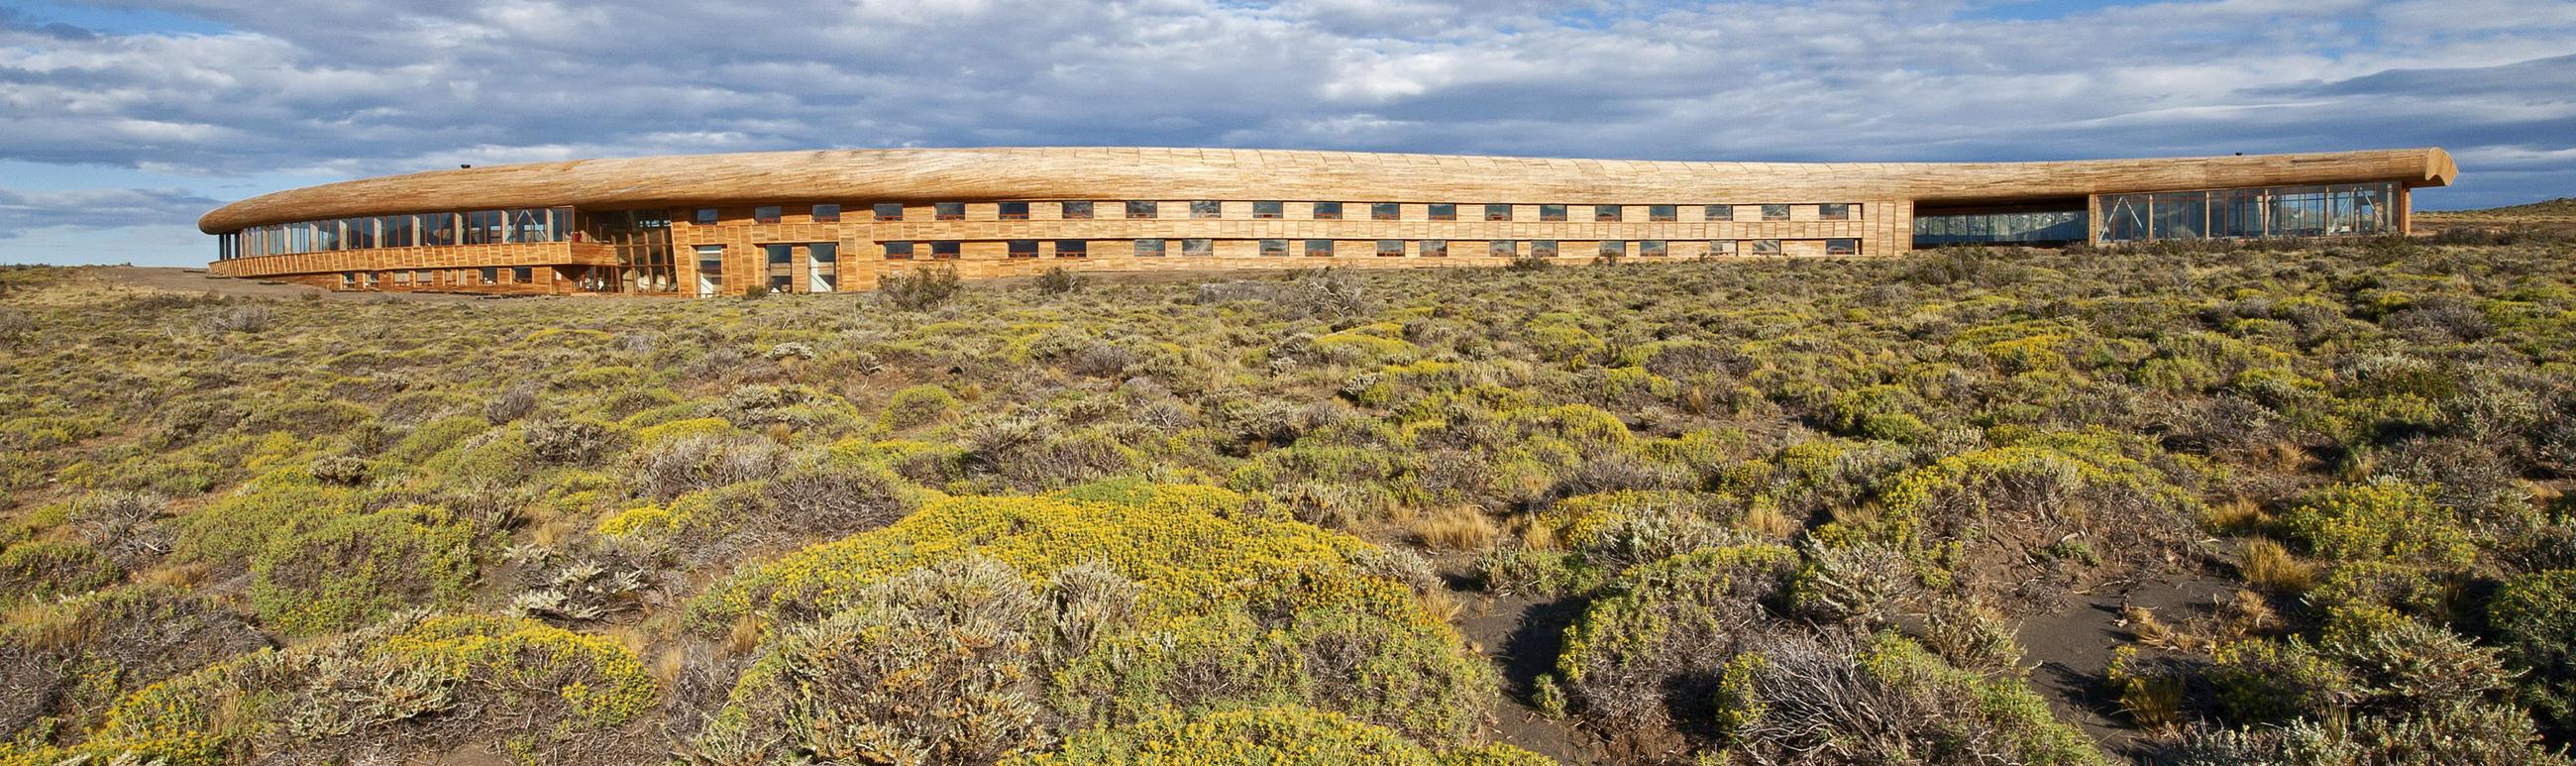 Chili Patagonie Reizen Torres Del Paine Tierra